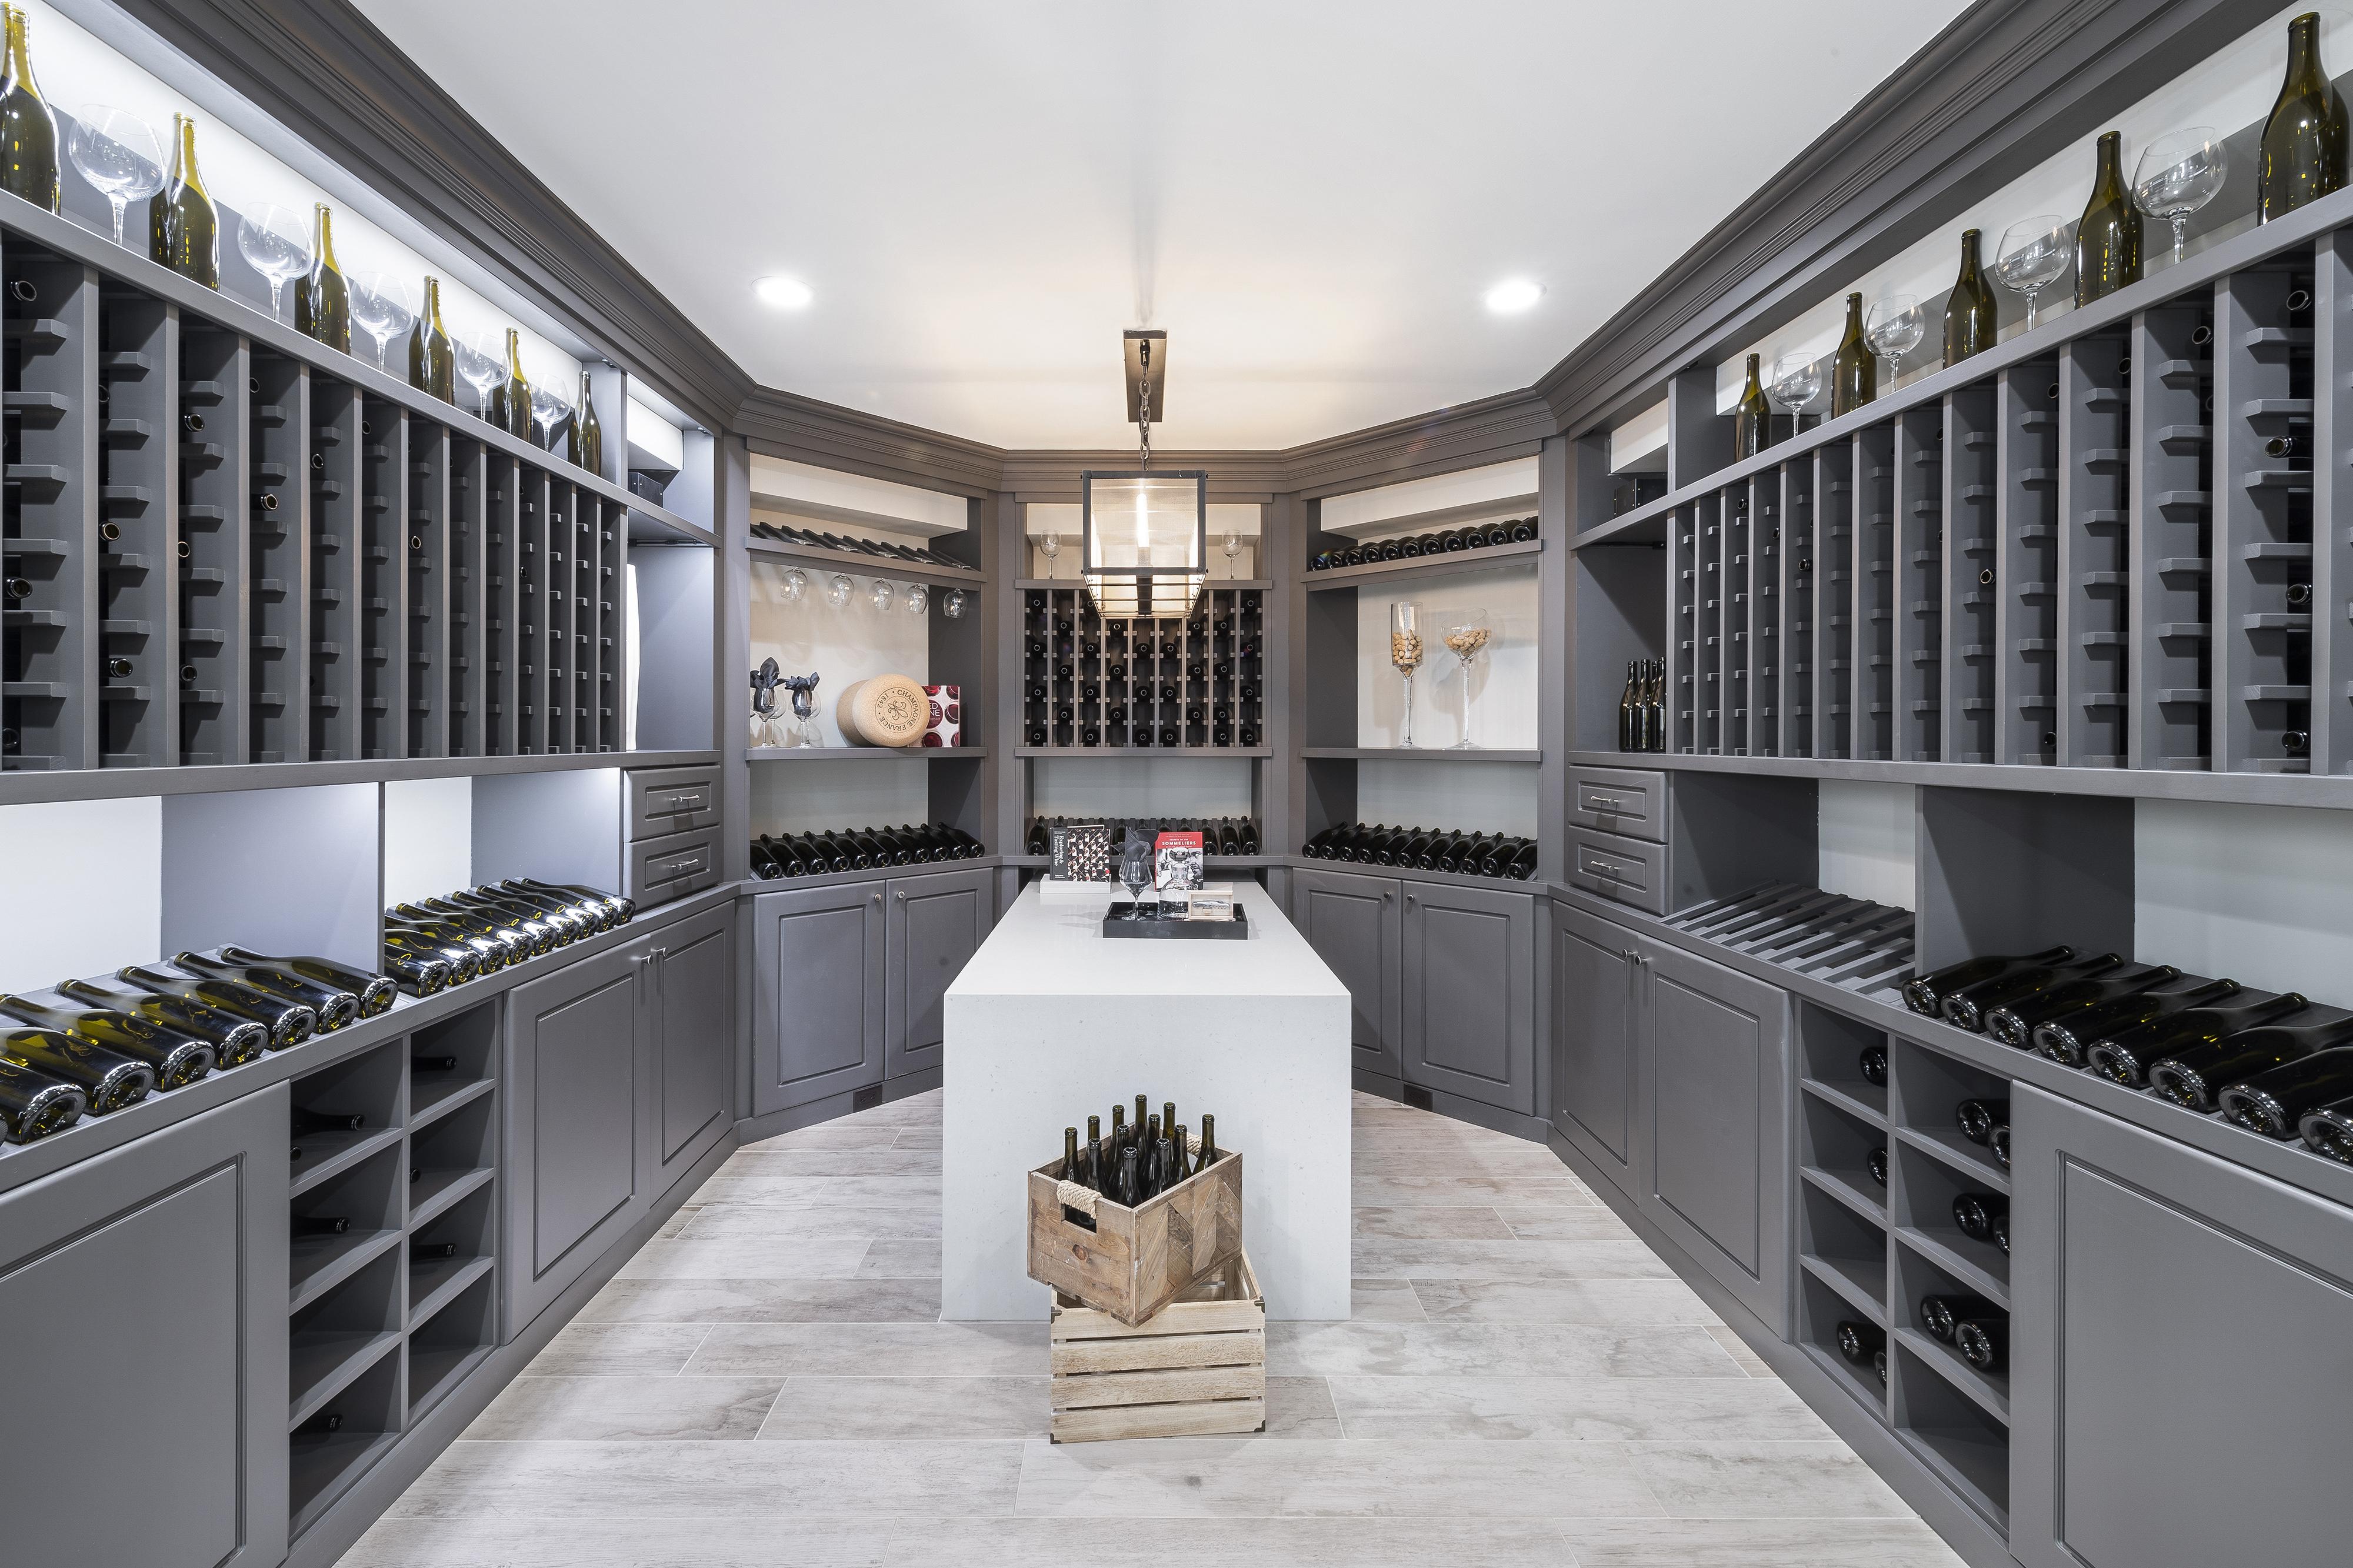 Wine Cellar Designed to Showcase Fine Wine